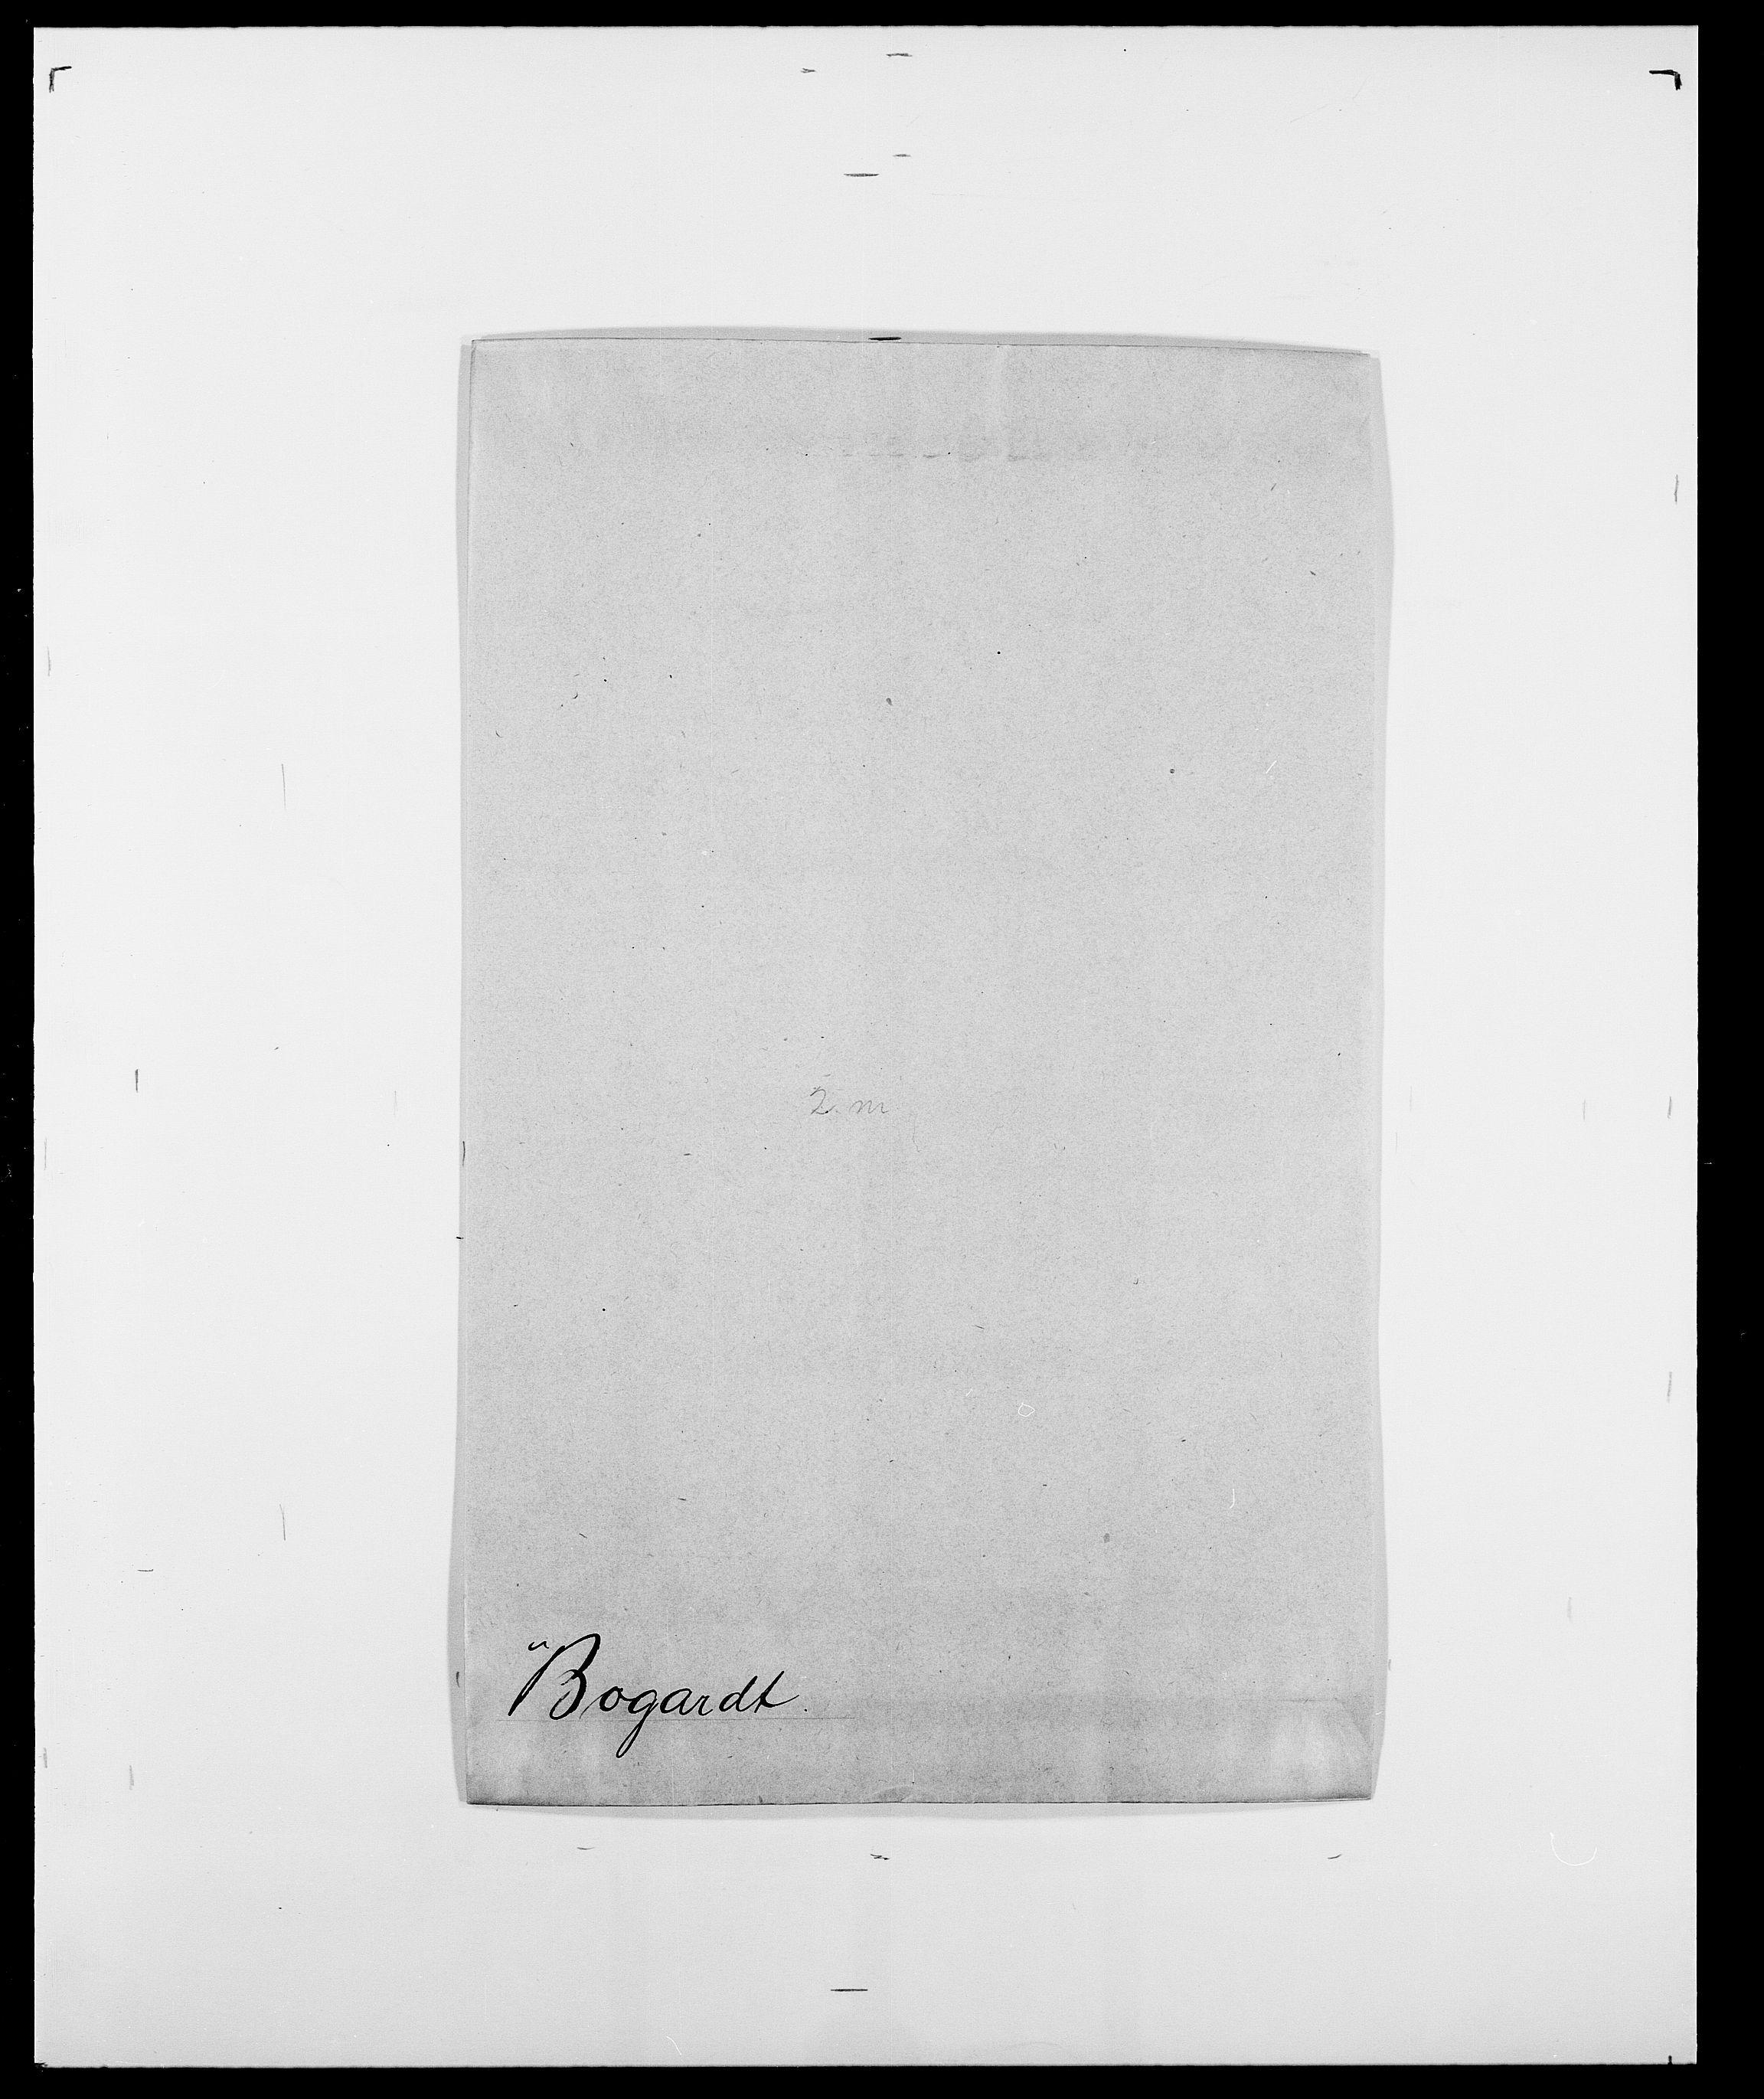 SAO, Delgobe, Charles Antoine - samling, D/Da/L0005: Boalth - Brahm, s. 65